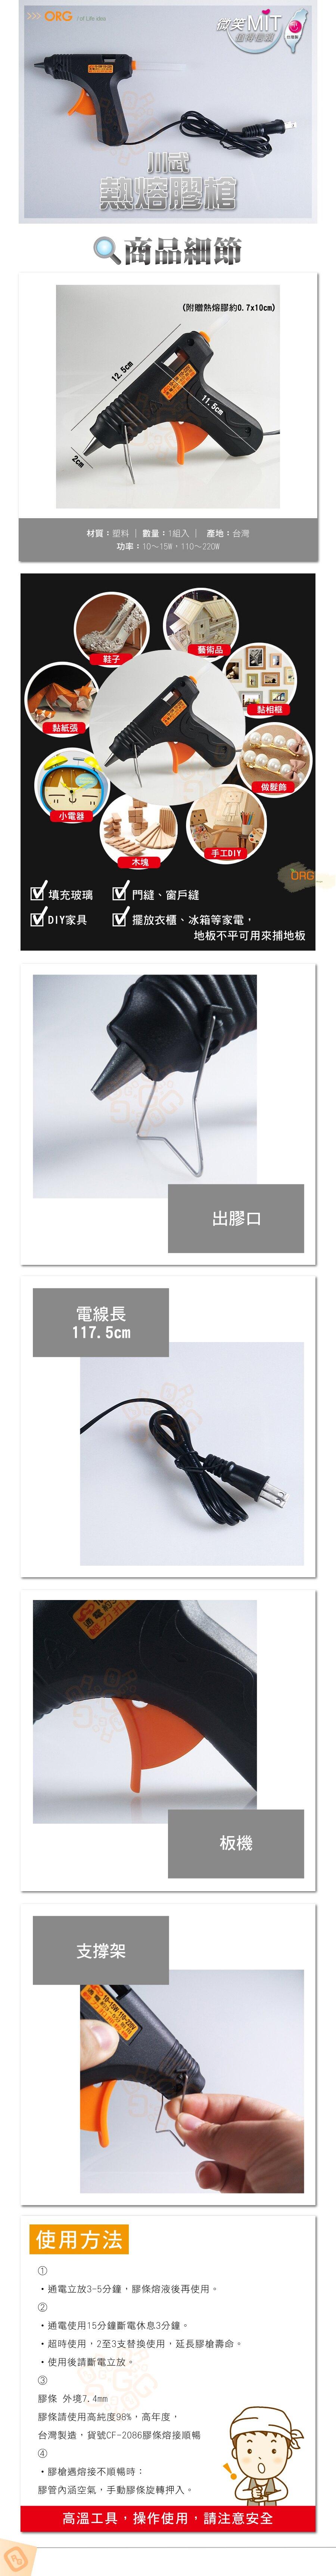 ORG《SD1417a》台灣製MIT~贈熱融膠條 熱熔膠槍 熱融膠槍 膠槍 打膠槍 膠棒 熱熔膠 手動膠槍 五金工具